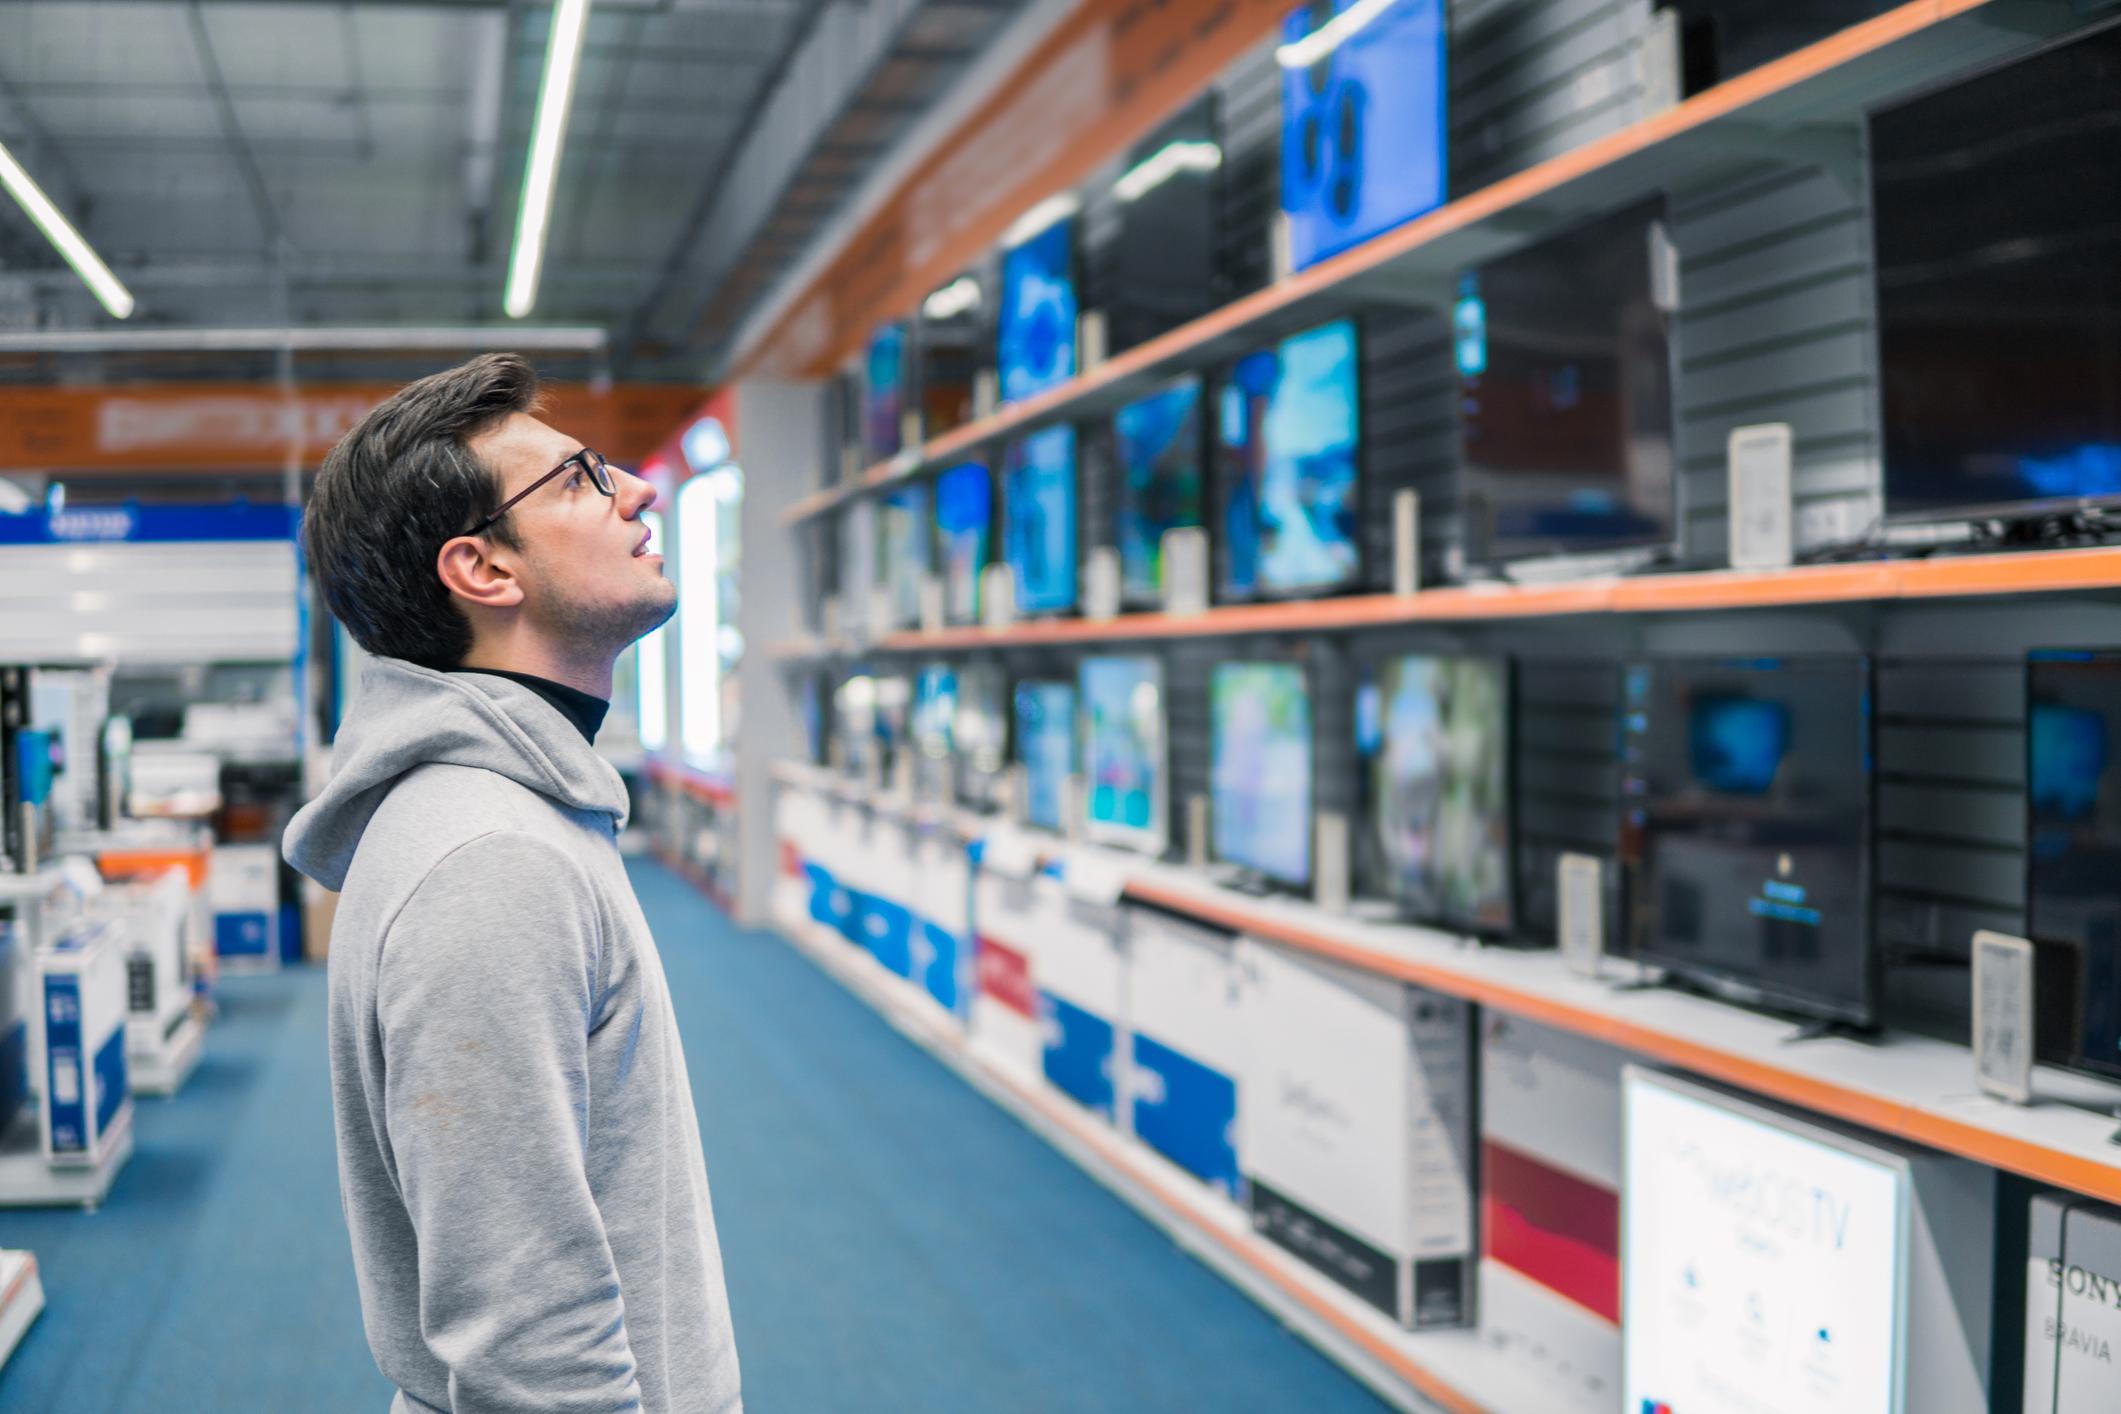 Man Buying TV